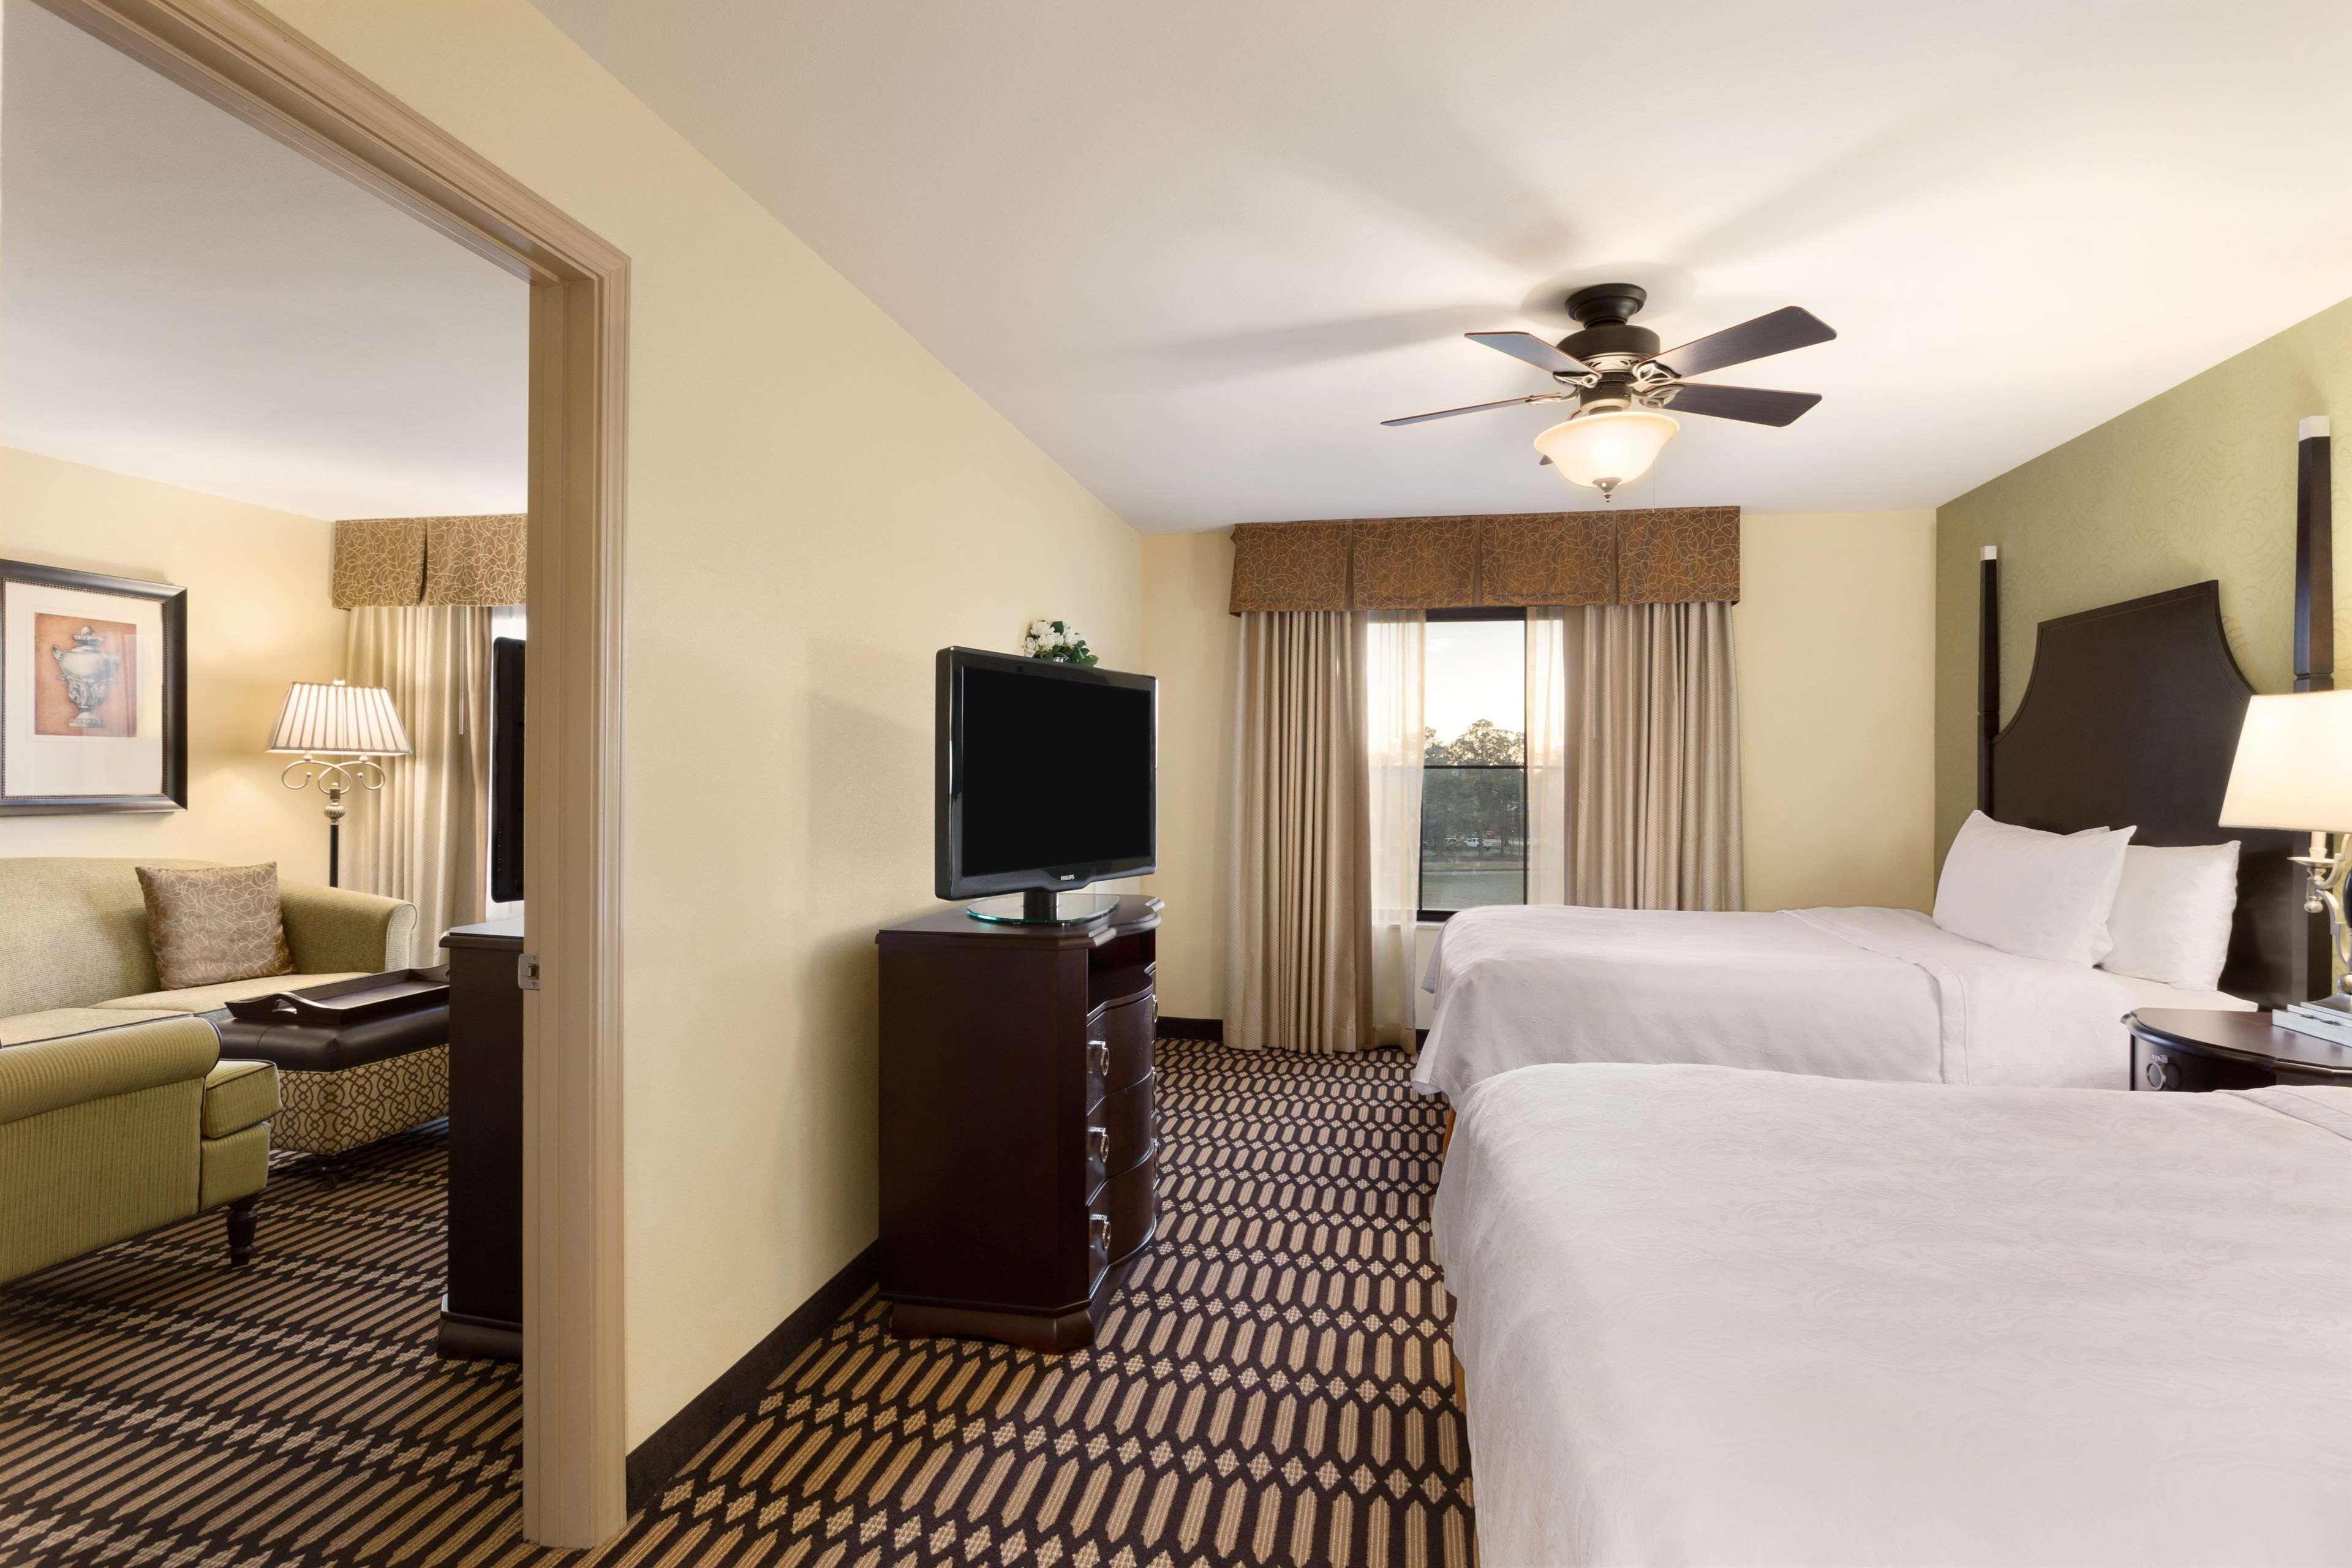 Homewood Suites by Hilton Lafayette-Airport, LA image 27